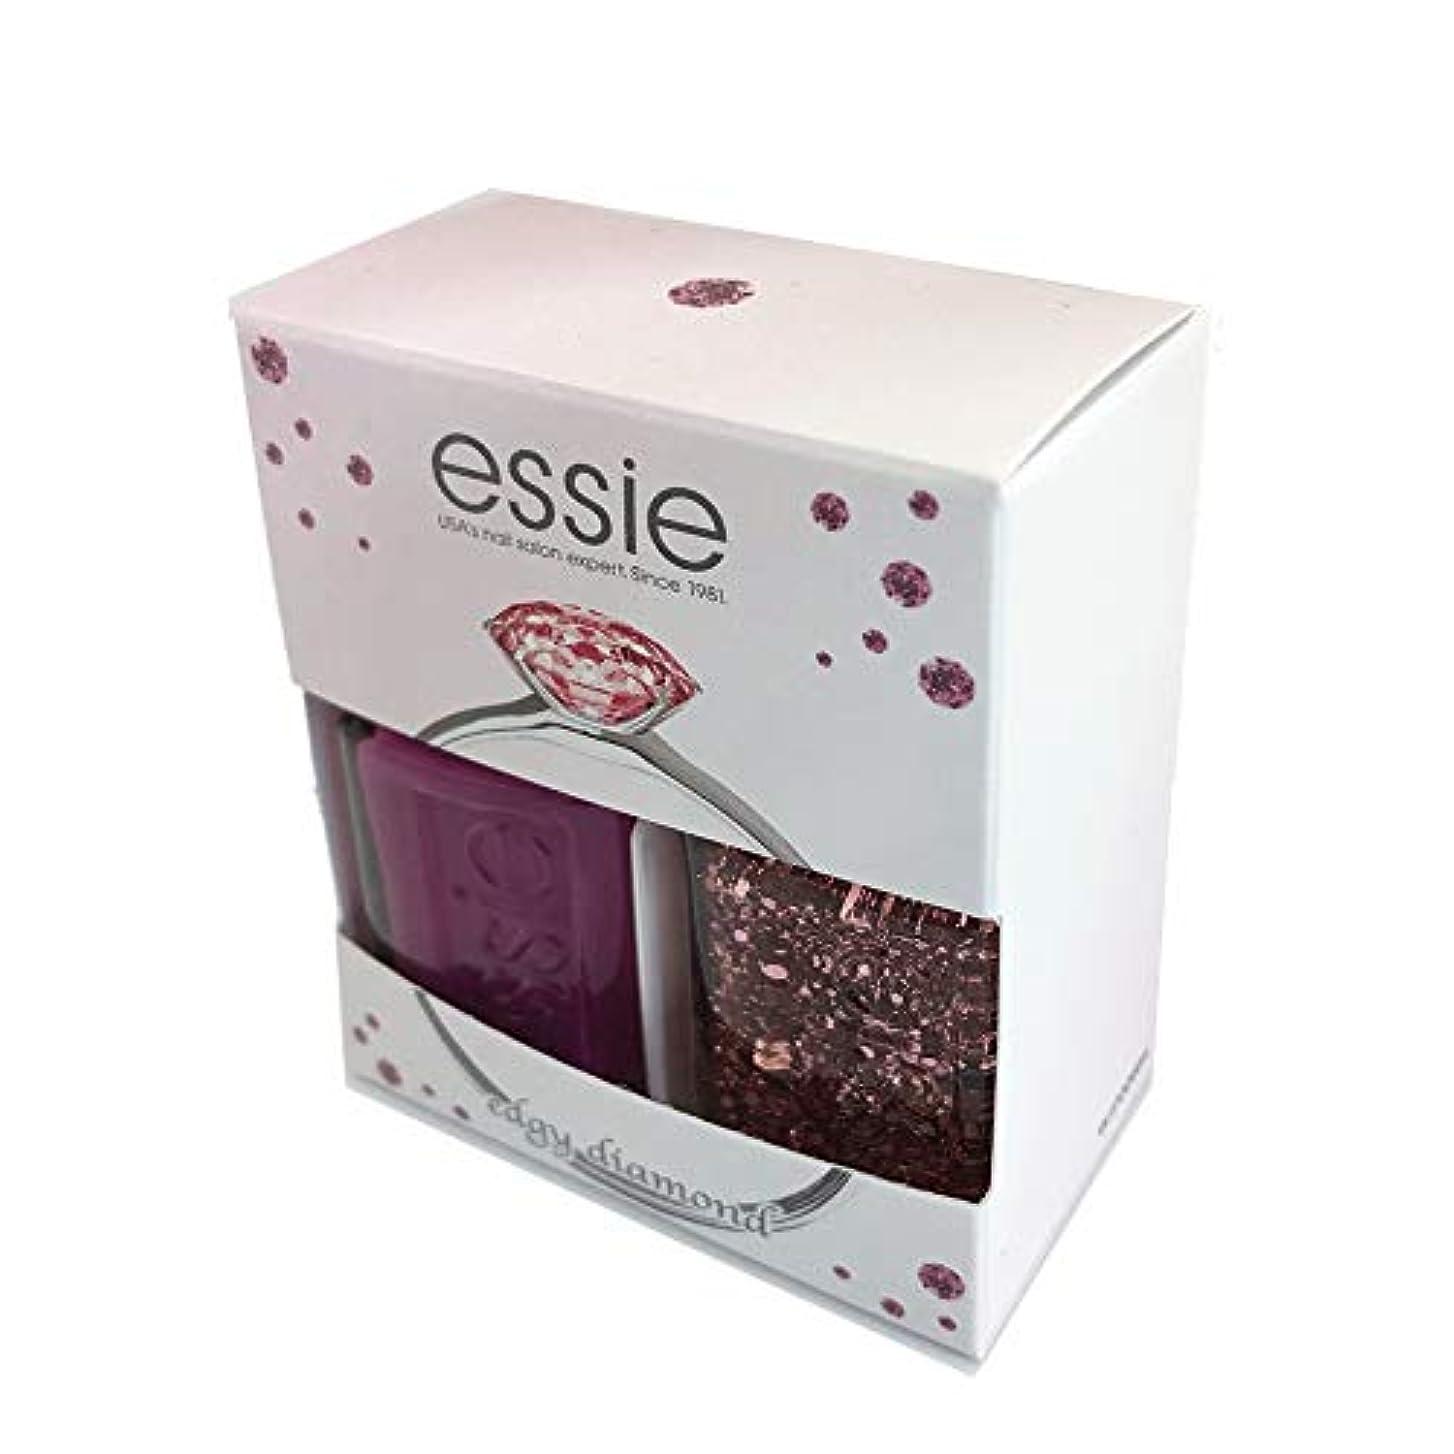 無礼に過剰ご意見Essie(エッシー) ネイルポリッシュ エッジーダイアモンド キット (2本セット)